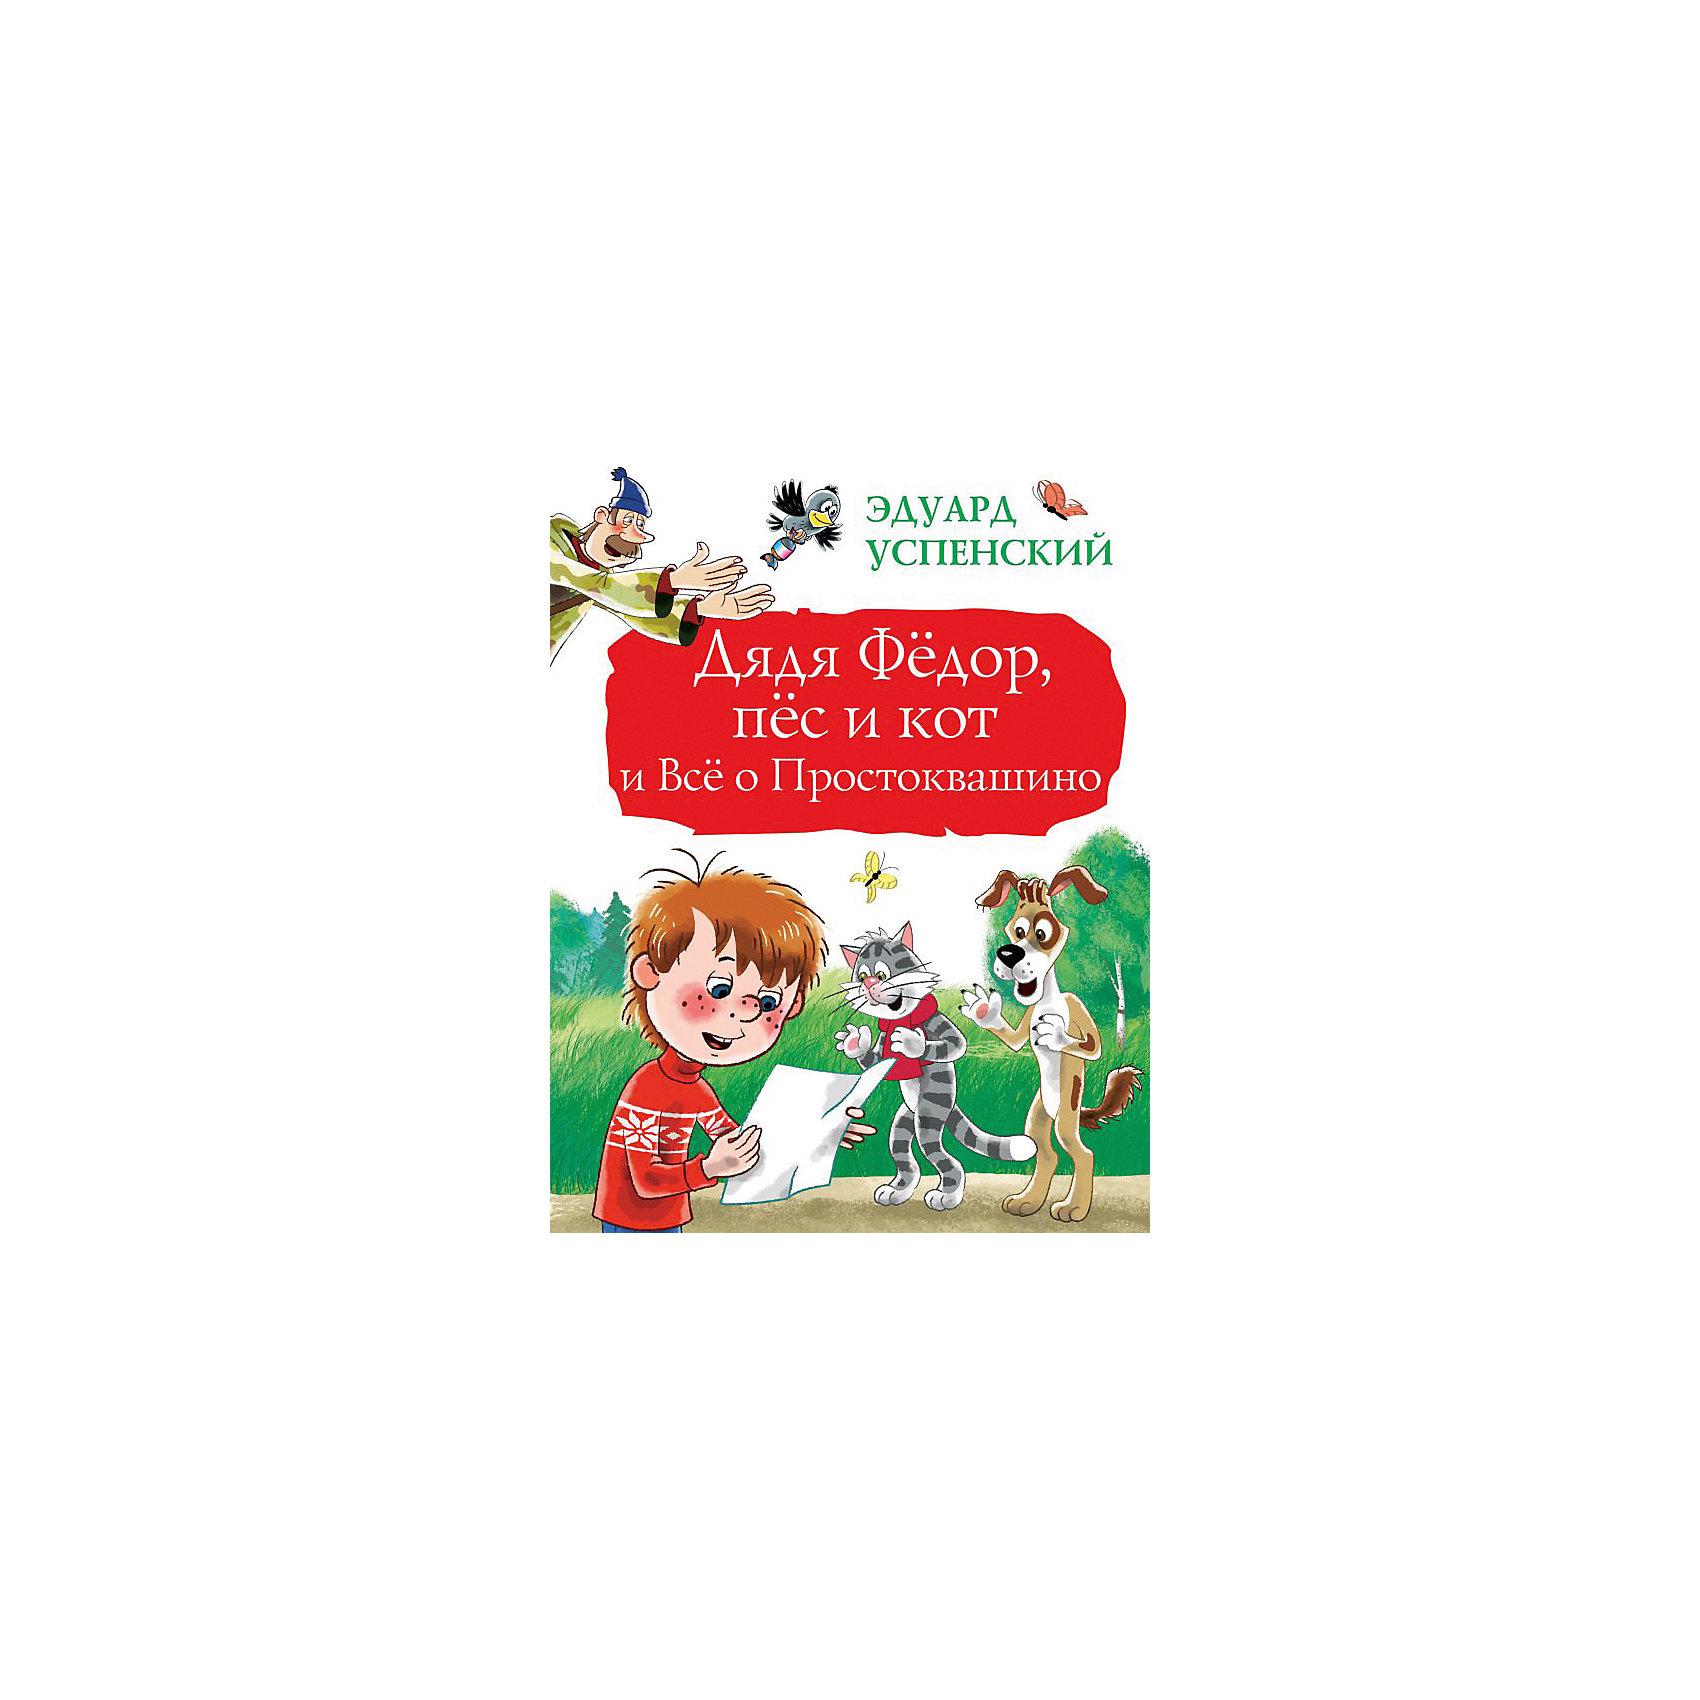 Дядя Фёдор, пёс и кот и Всё о Простоквашино, Издательство АСТ по цене 656